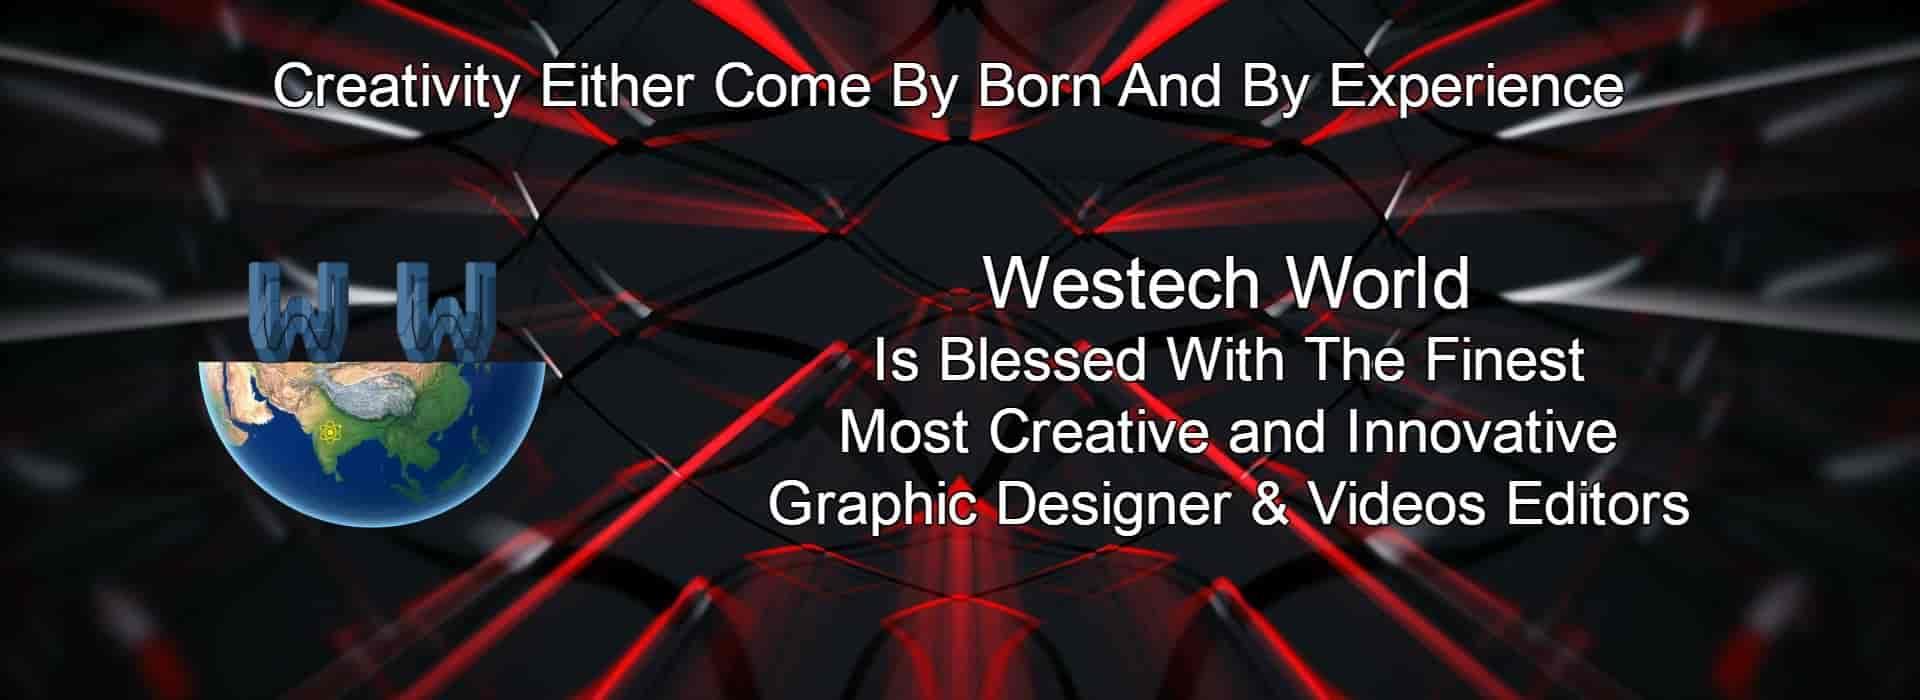 video-editing-graphic-designing